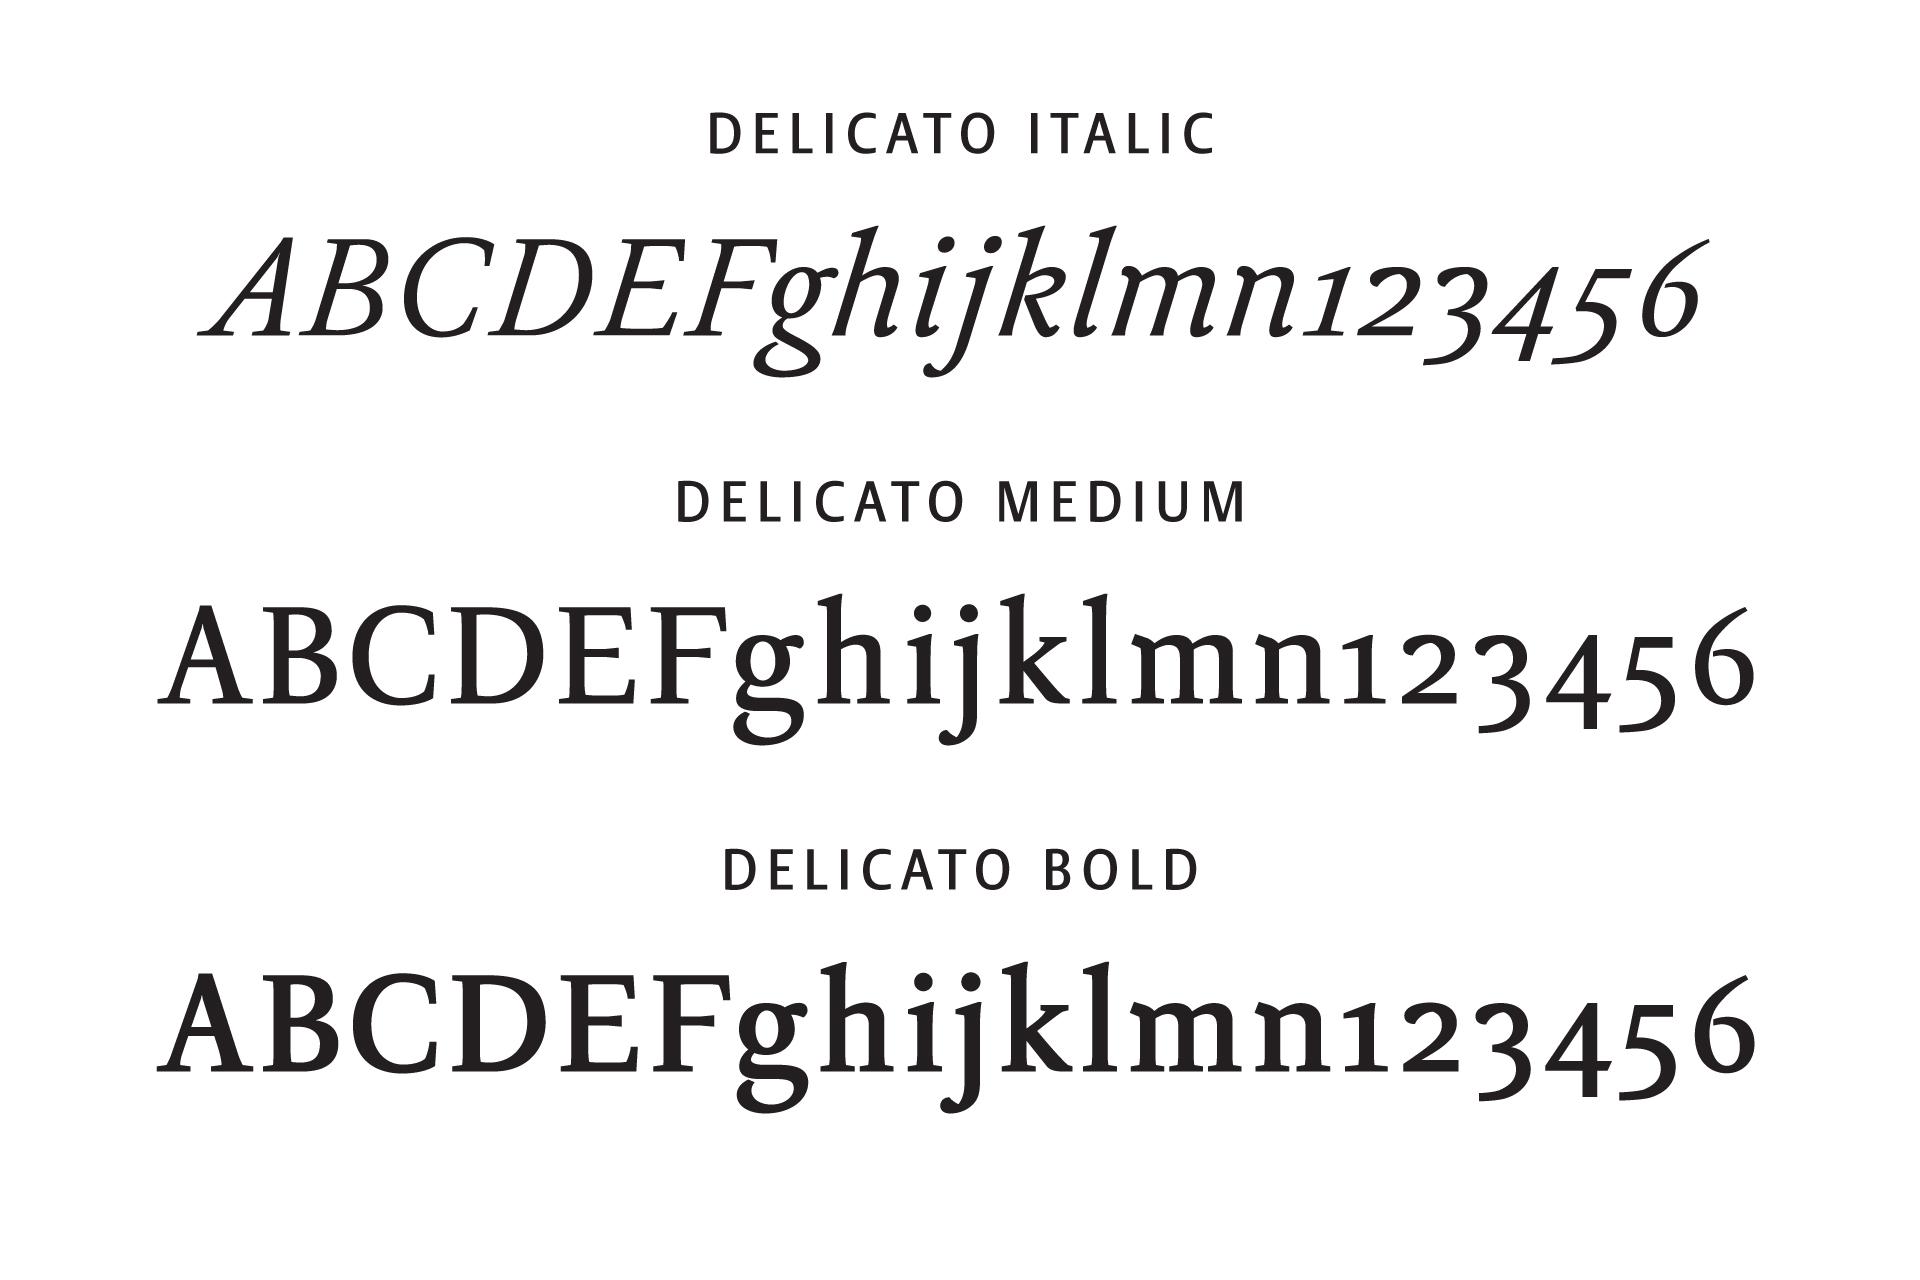 Delicato_PAGE-5